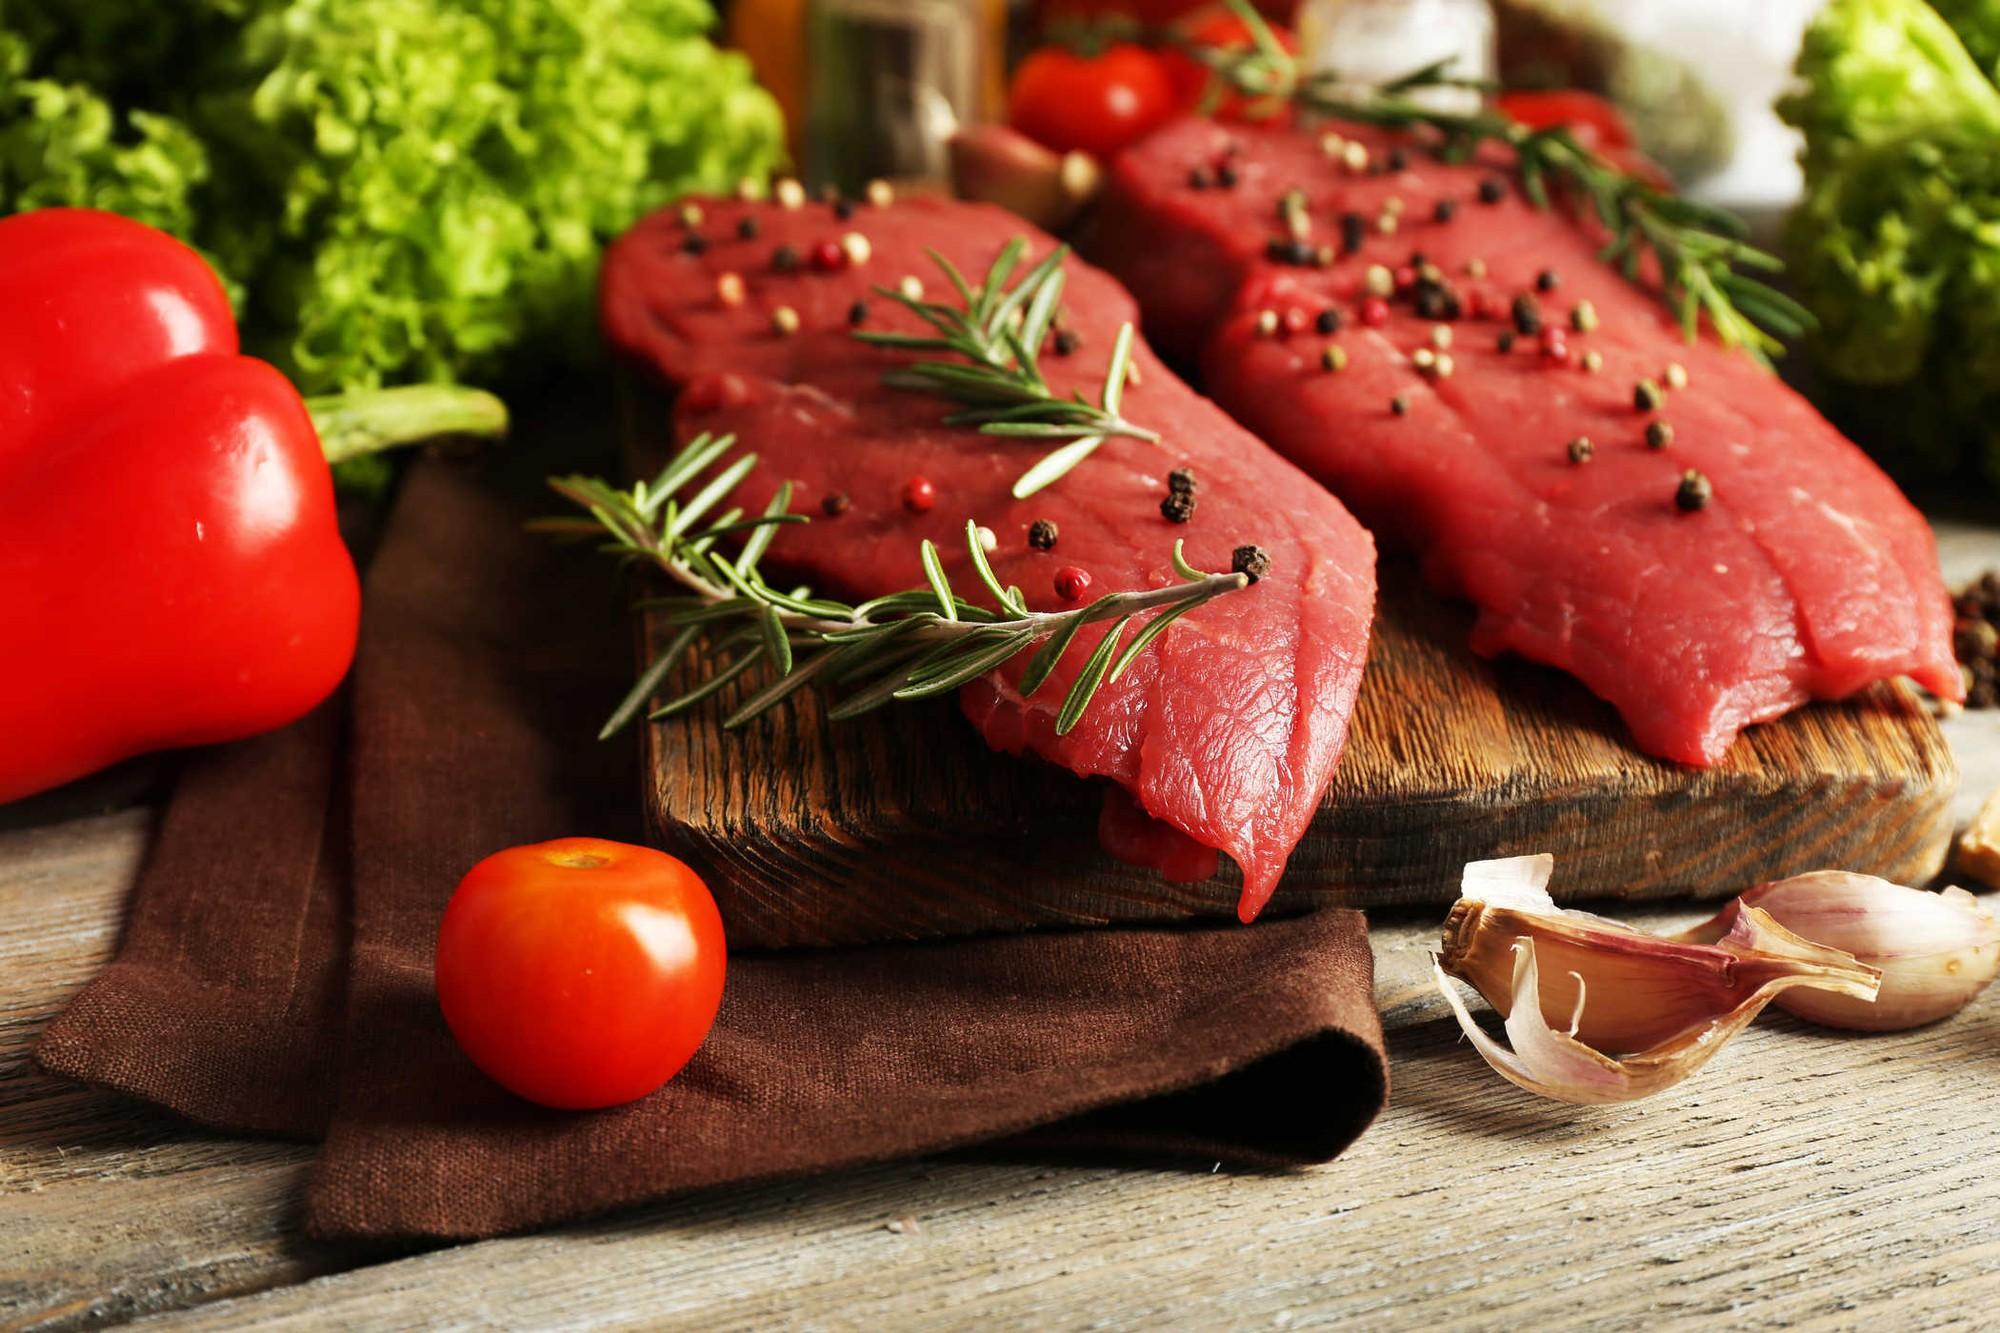 Bí quyết ăn uống ngày Tết để thoải mái ăn thịt mà không lo tăng cân - Ảnh 1.